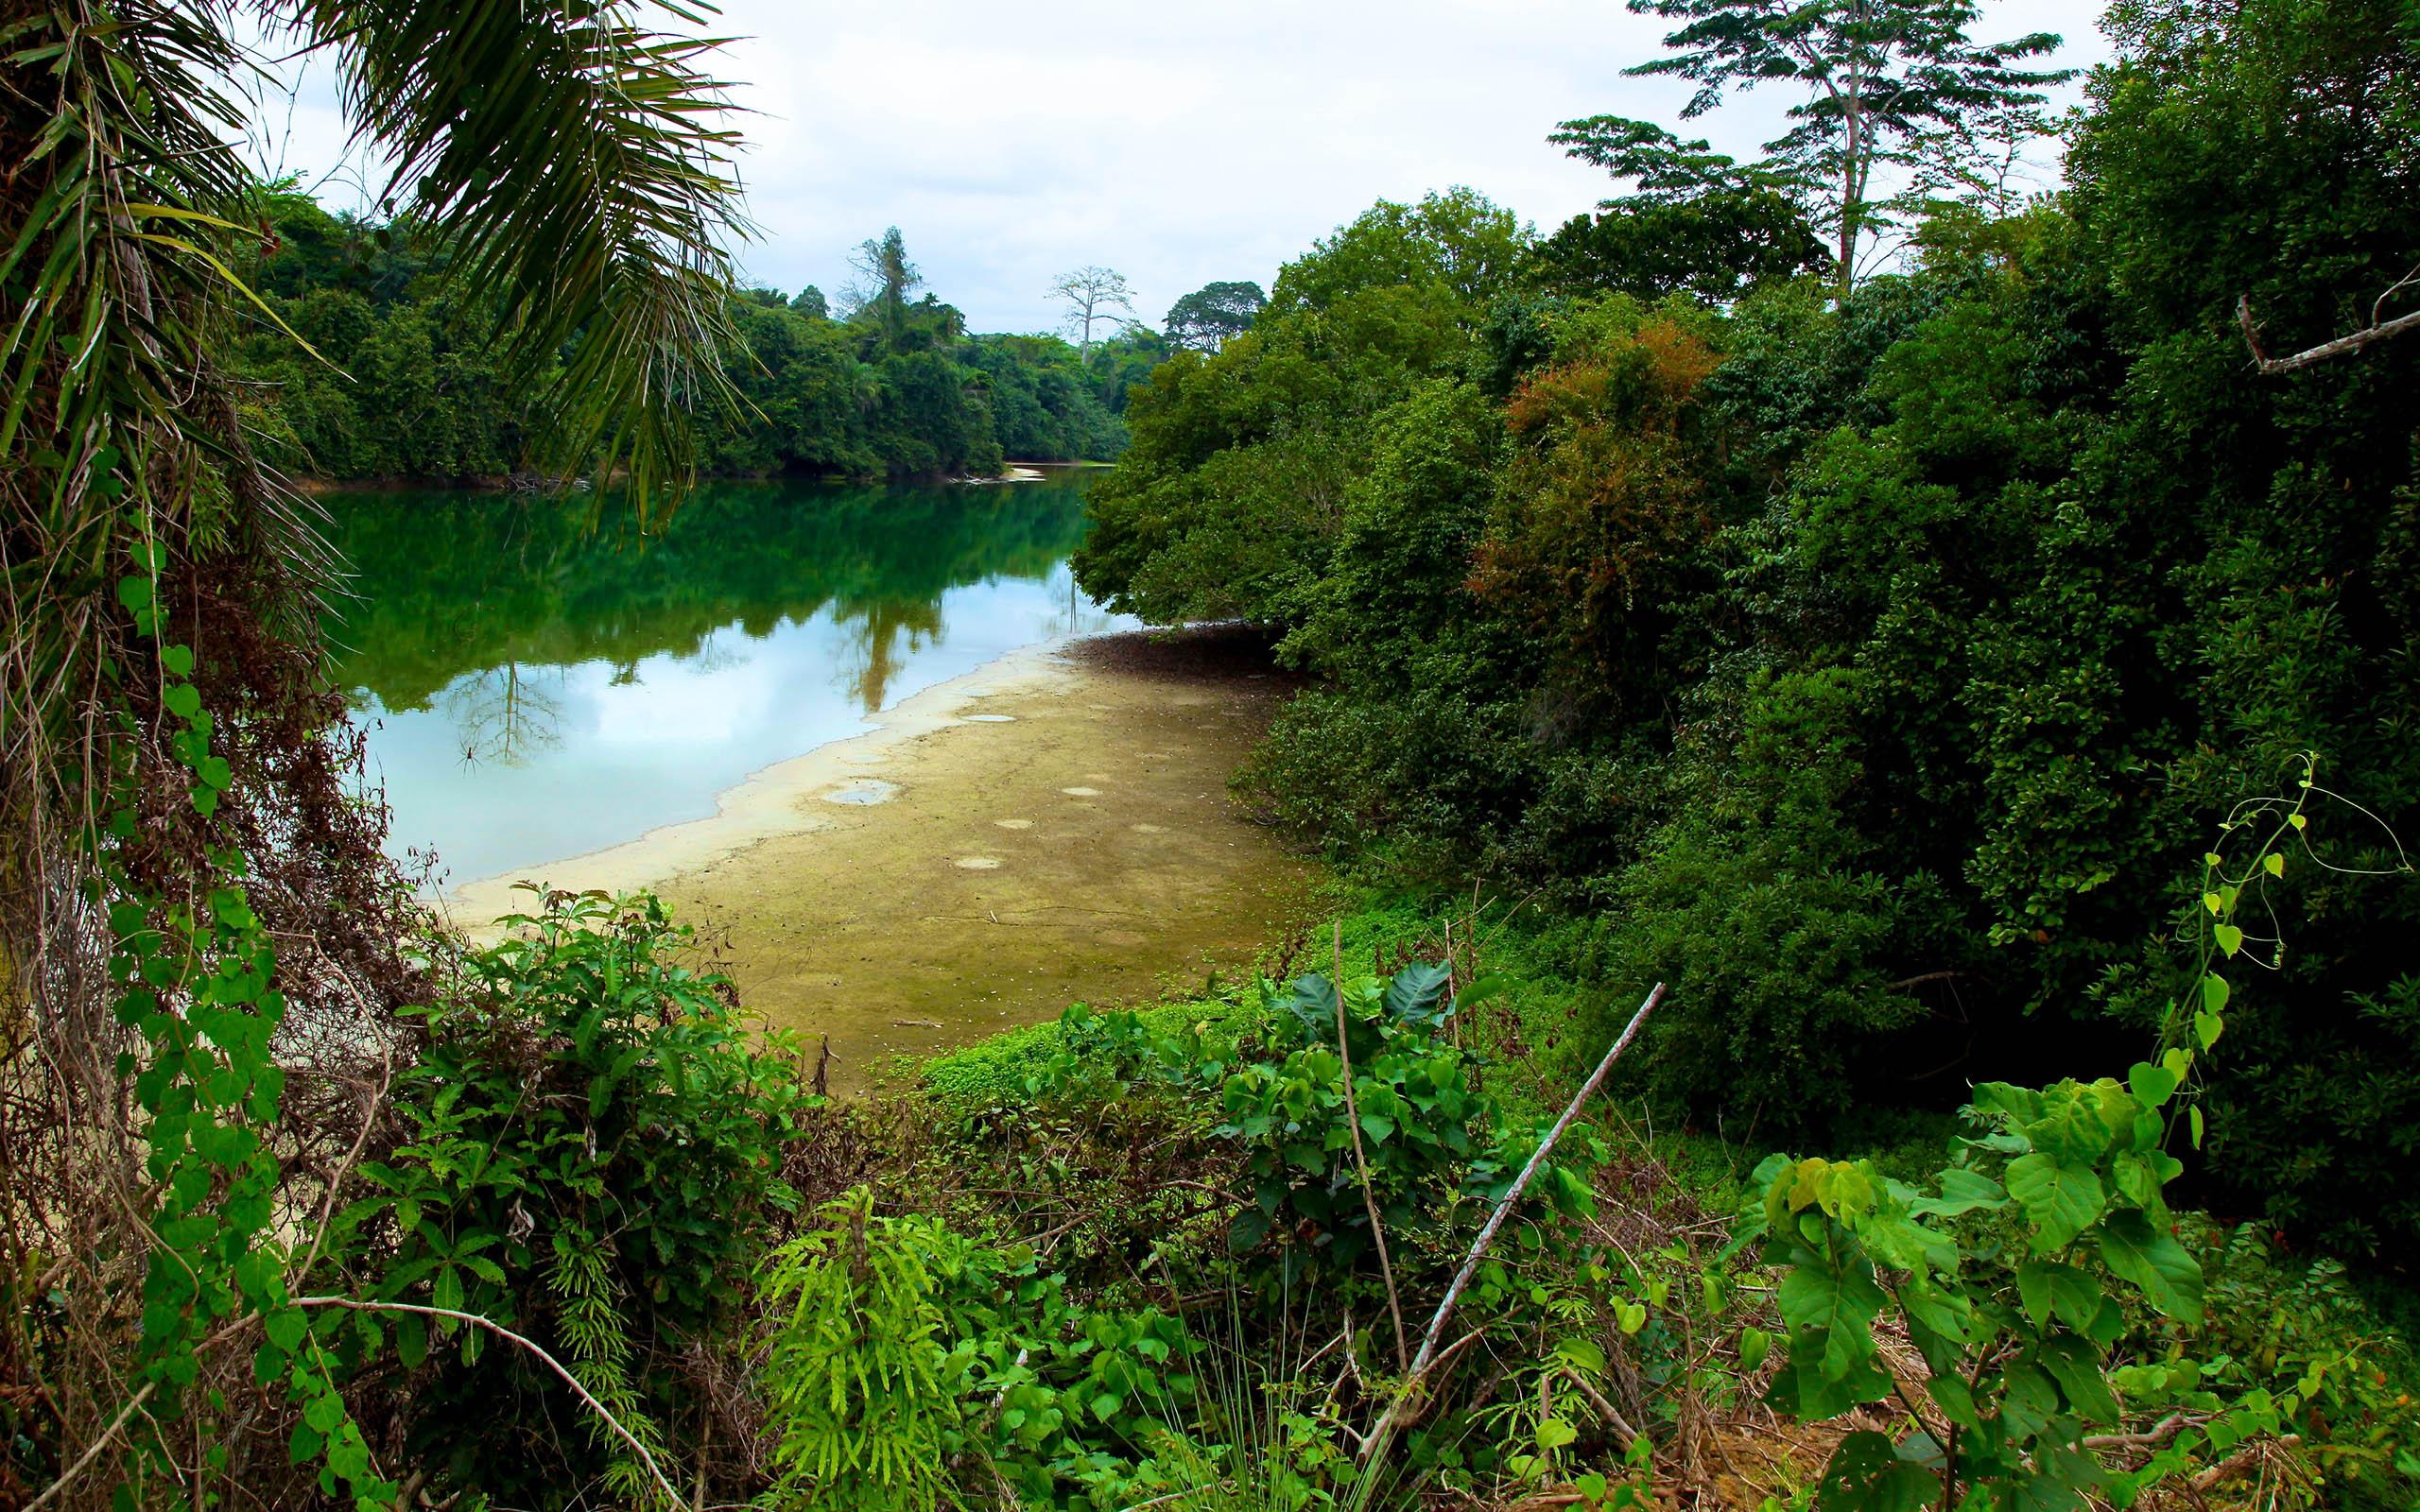 Gabon nature wallpaper   HD Wallpapers 2560x1600